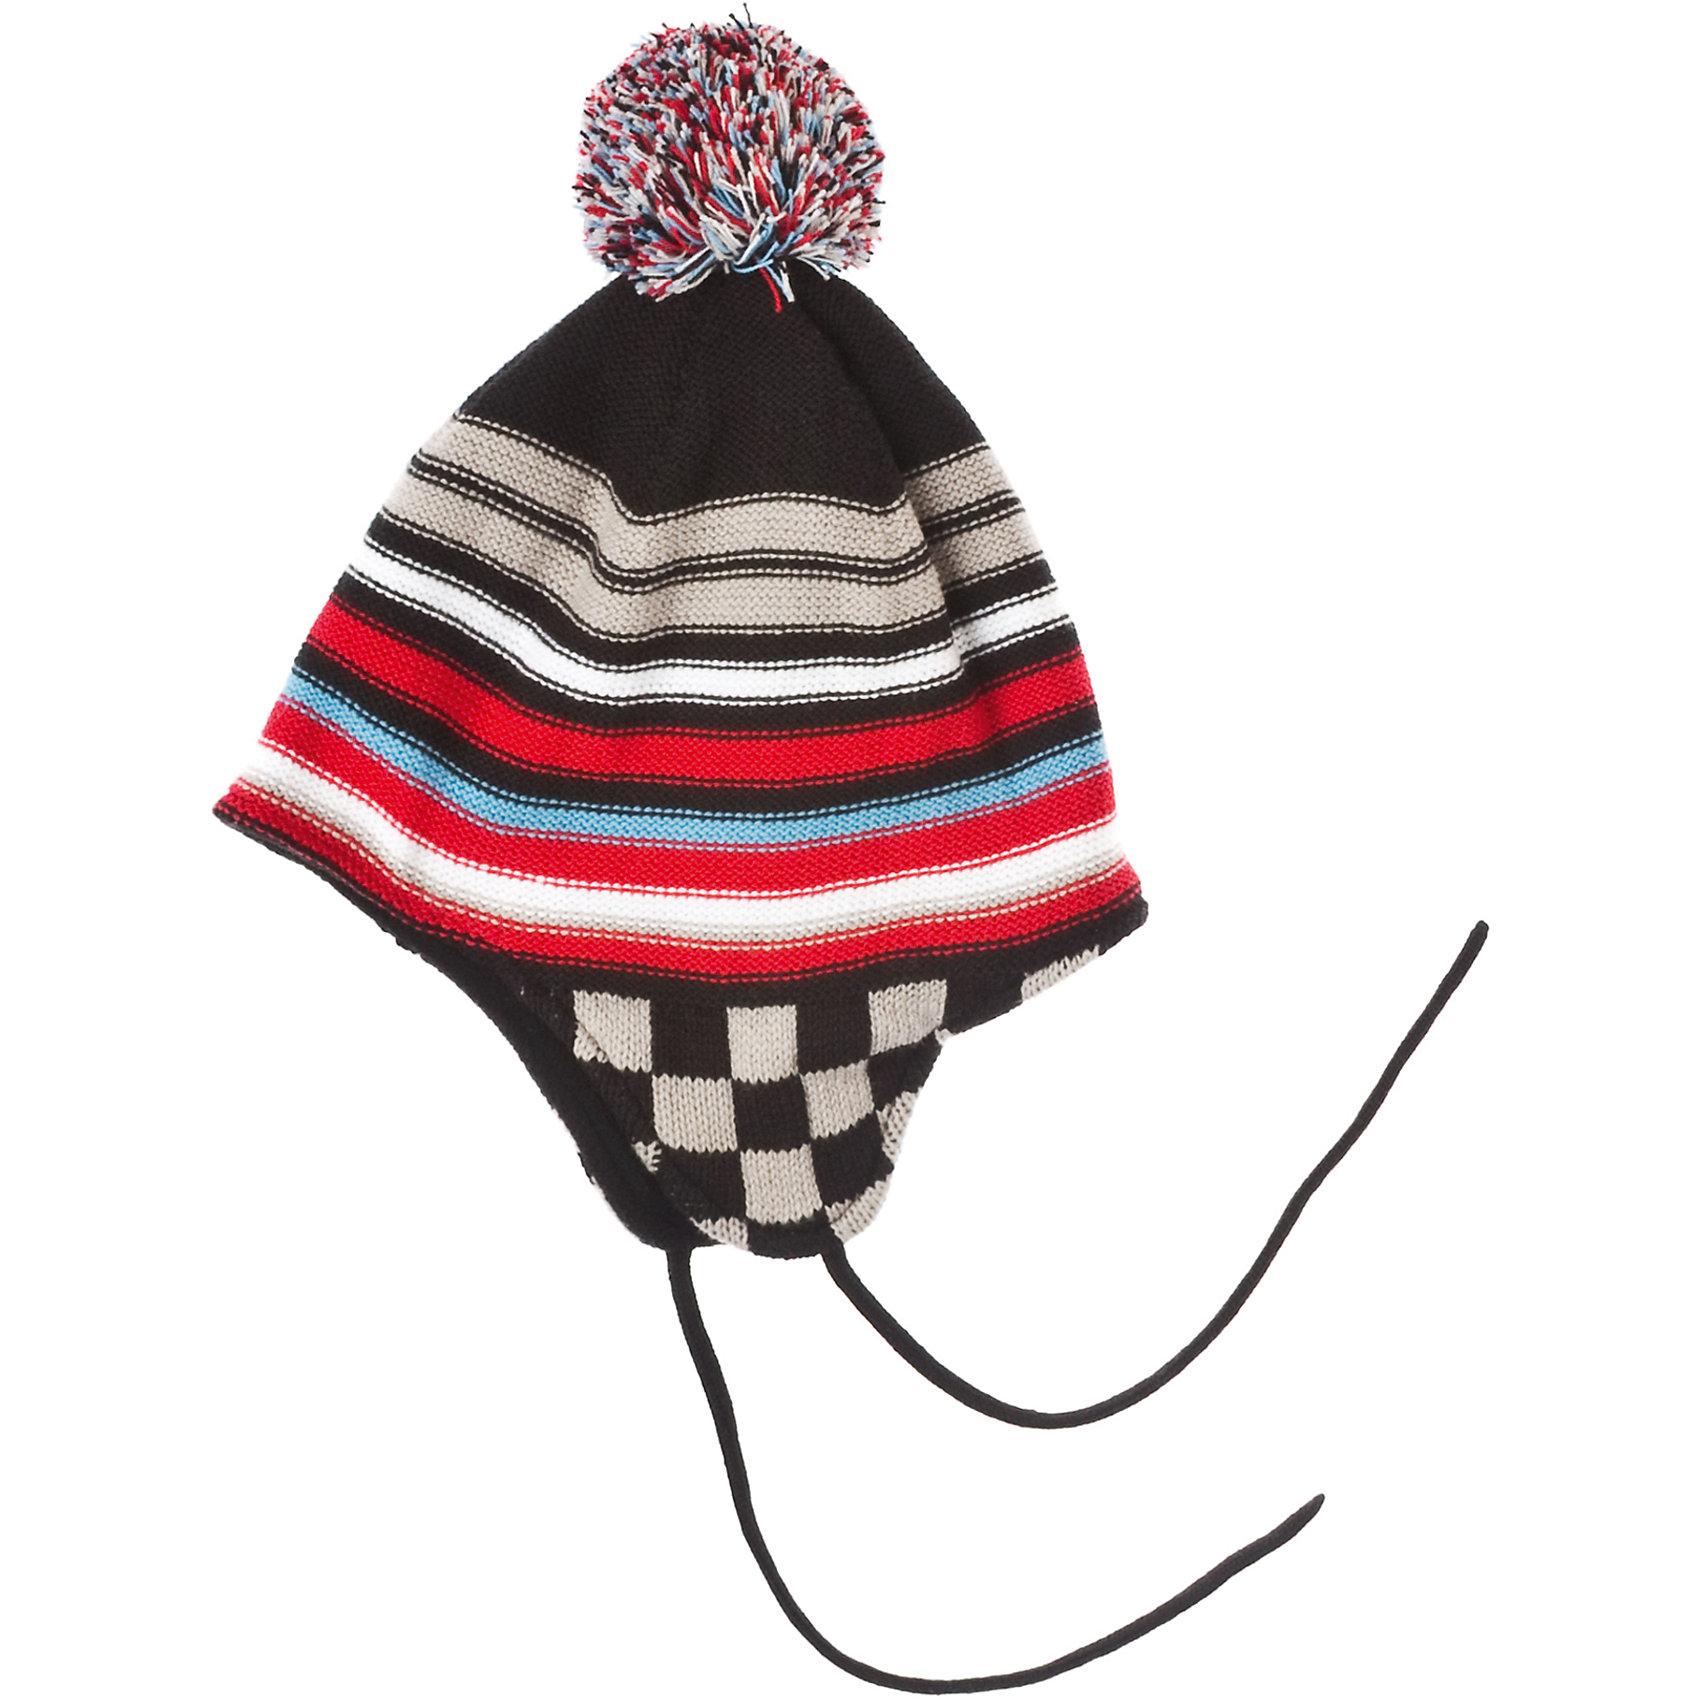 Шапка для мальчика PlayTodayГоловные уборы<br>Шапка для мальчика PlayToday Вязаная шапка в цветную полоску на флисовой подкладке. На завязках. Декорирована разноцветным помпоном. Состав: Верх: 60% хлопок, 40% акрил, подкладка:100% полиэстер<br><br>Ширина мм: 89<br>Глубина мм: 117<br>Высота мм: 44<br>Вес г: 155<br>Цвет: черный/розовый<br>Возраст от месяцев: 24<br>Возраст до месяцев: 36<br>Пол: Мужской<br>Возраст: Детский<br>Размер: 50,54,52<br>SKU: 4227609